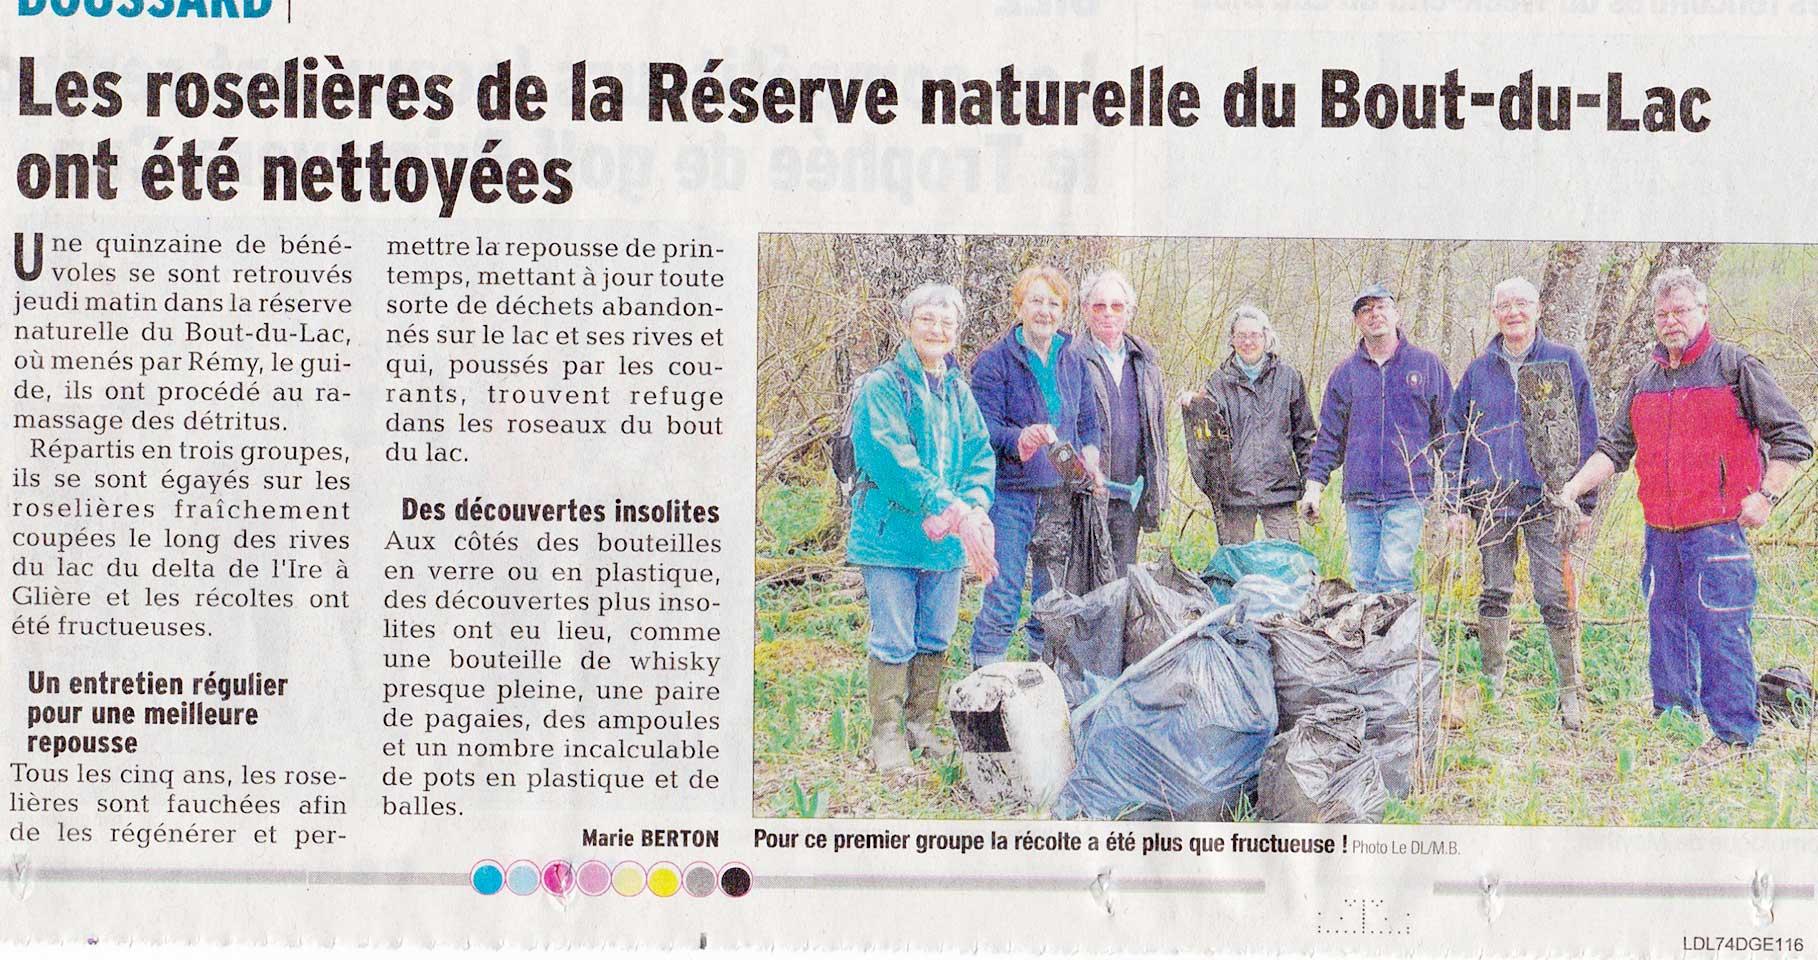 Article paru dans le Dauphiné Libéré du 07/04/2016